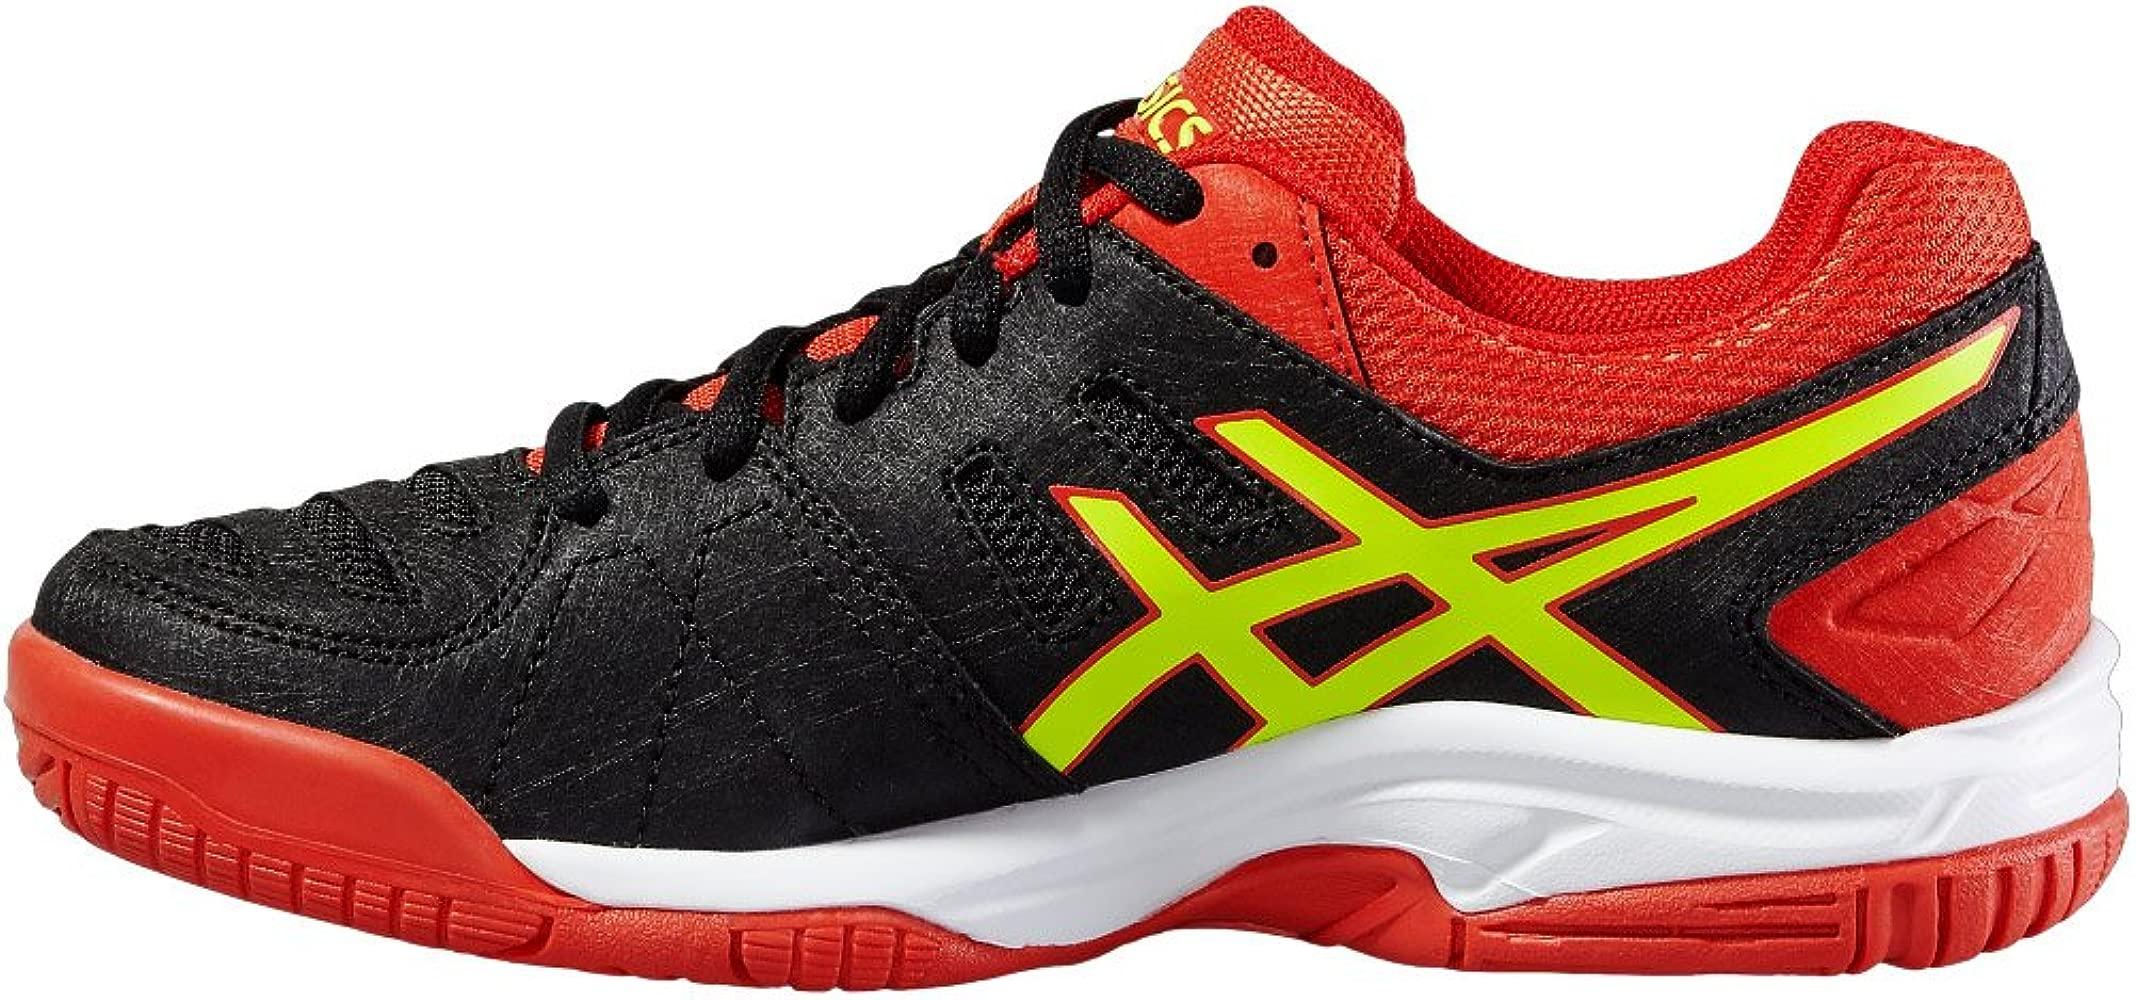 ASICS - Gel Padel Pro 3 GS, Color Negro, Talla EU 35 1/2: Amazon ...